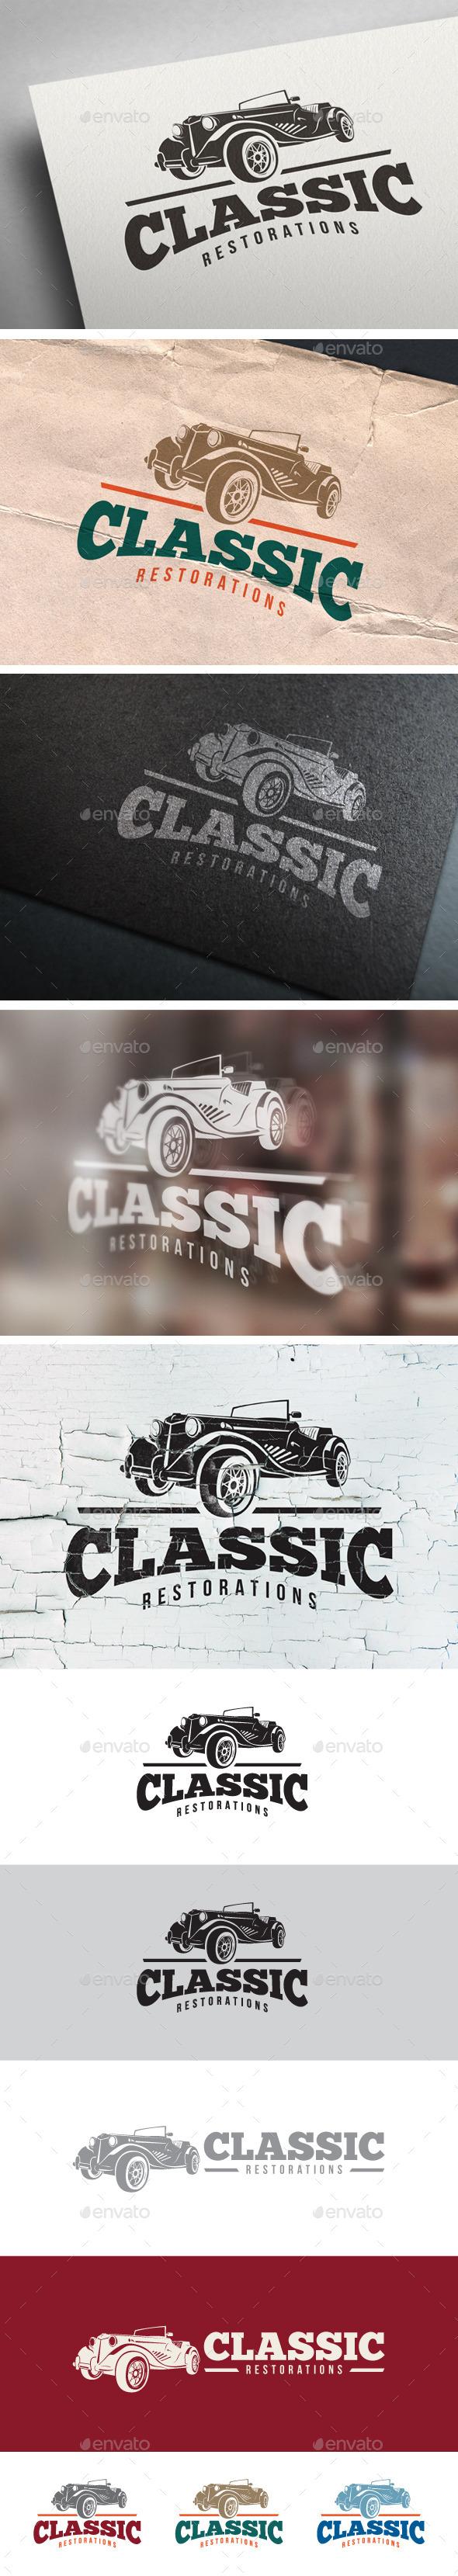 GraphicRiver Classic Car Restoration Logo 8985158